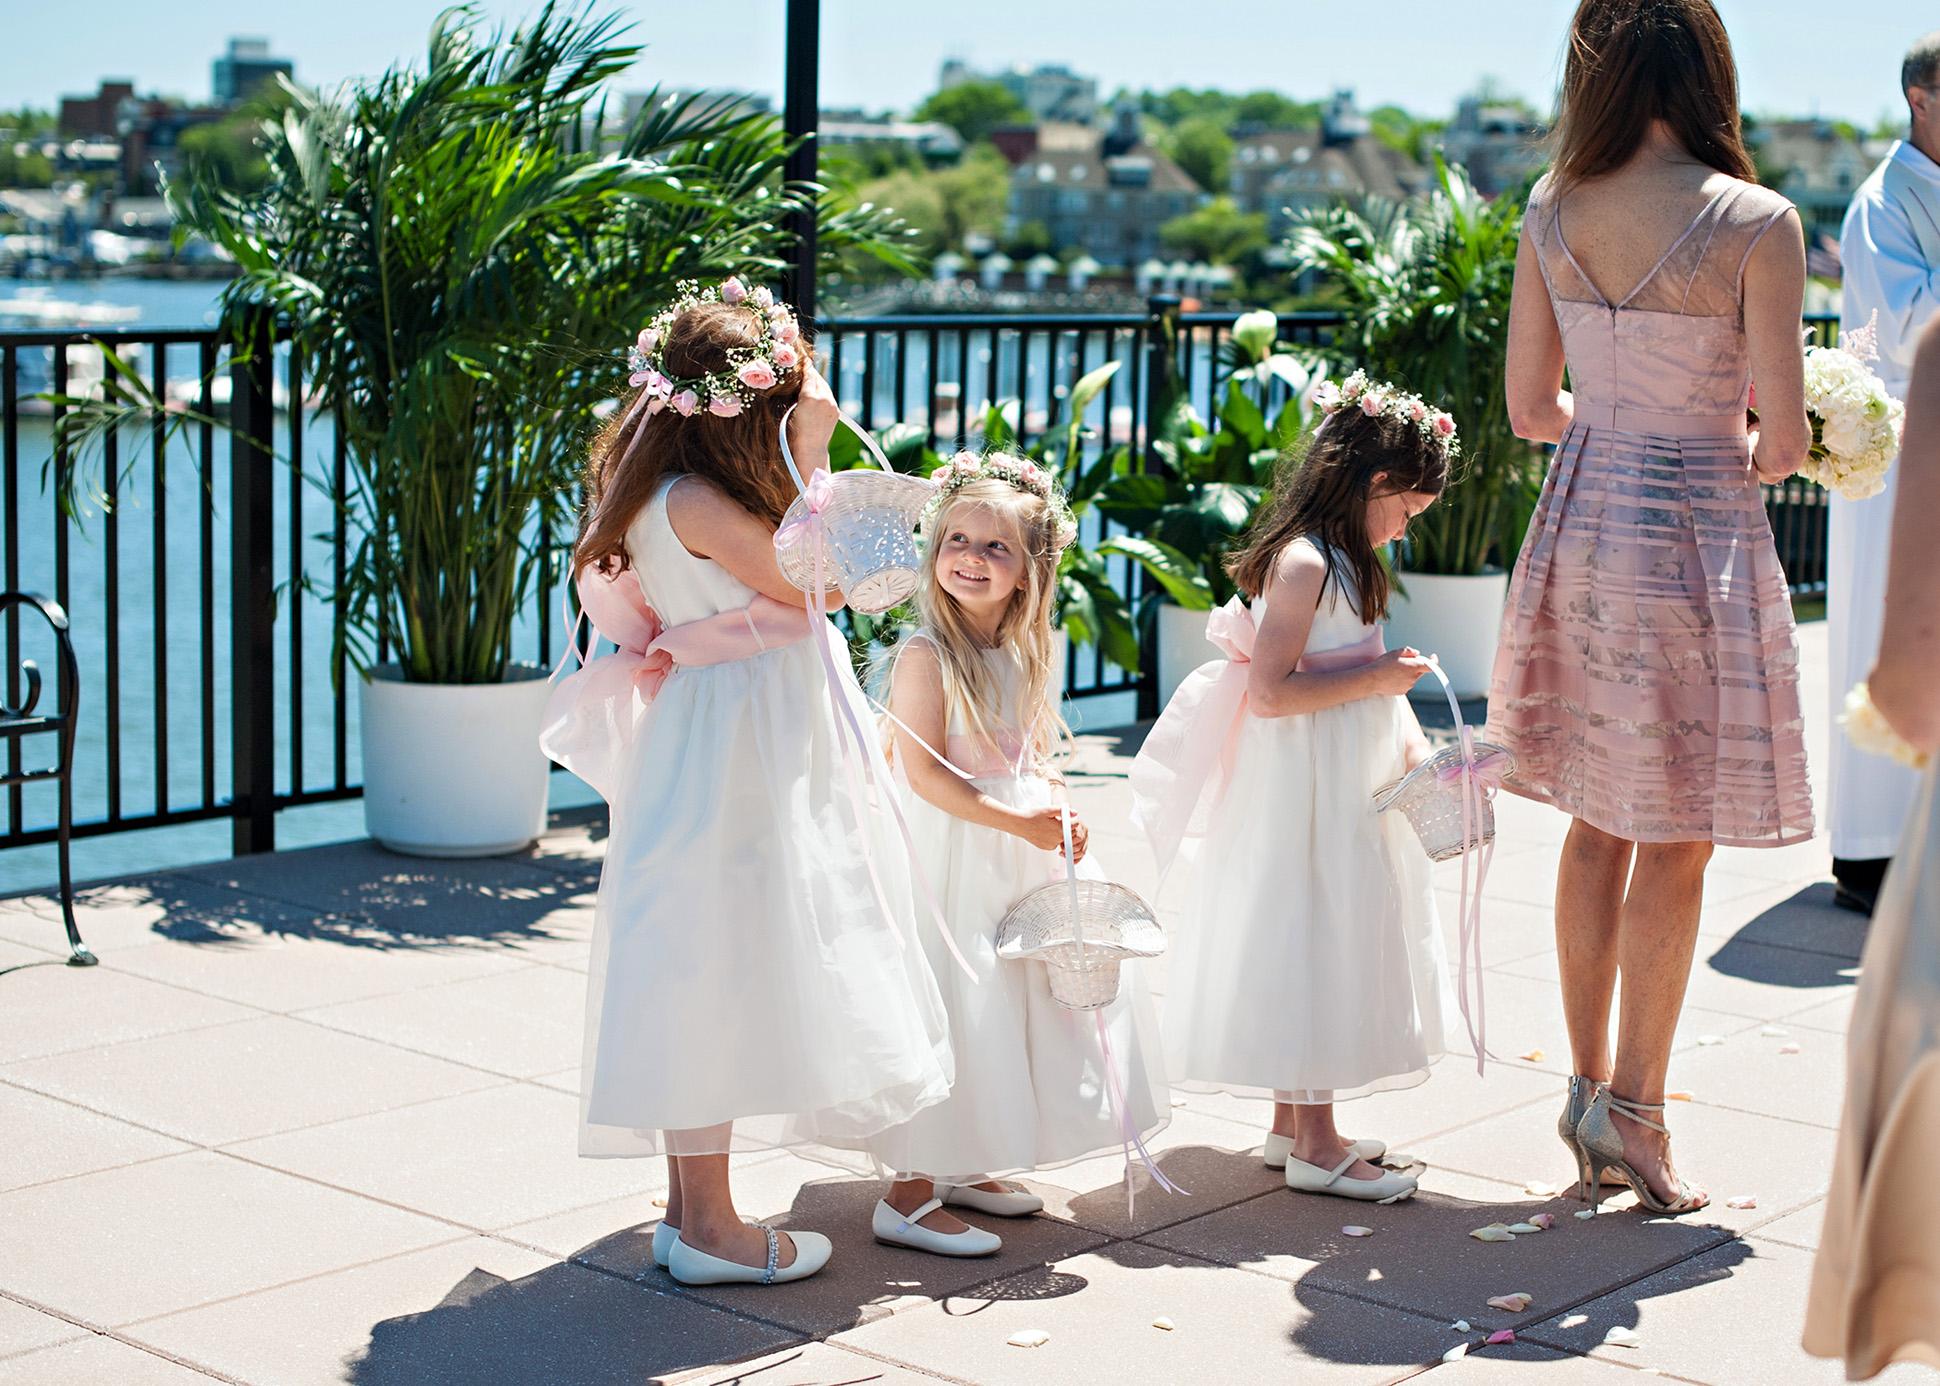 37-Sara Stadtmiller-SRS-Photography-Asbury-Park-Wedding-Photographer-Monmouth-County-Wedding-Photographer-NJ-Wedding-Photographer-Molly-Pitcher-Inn-Wedding